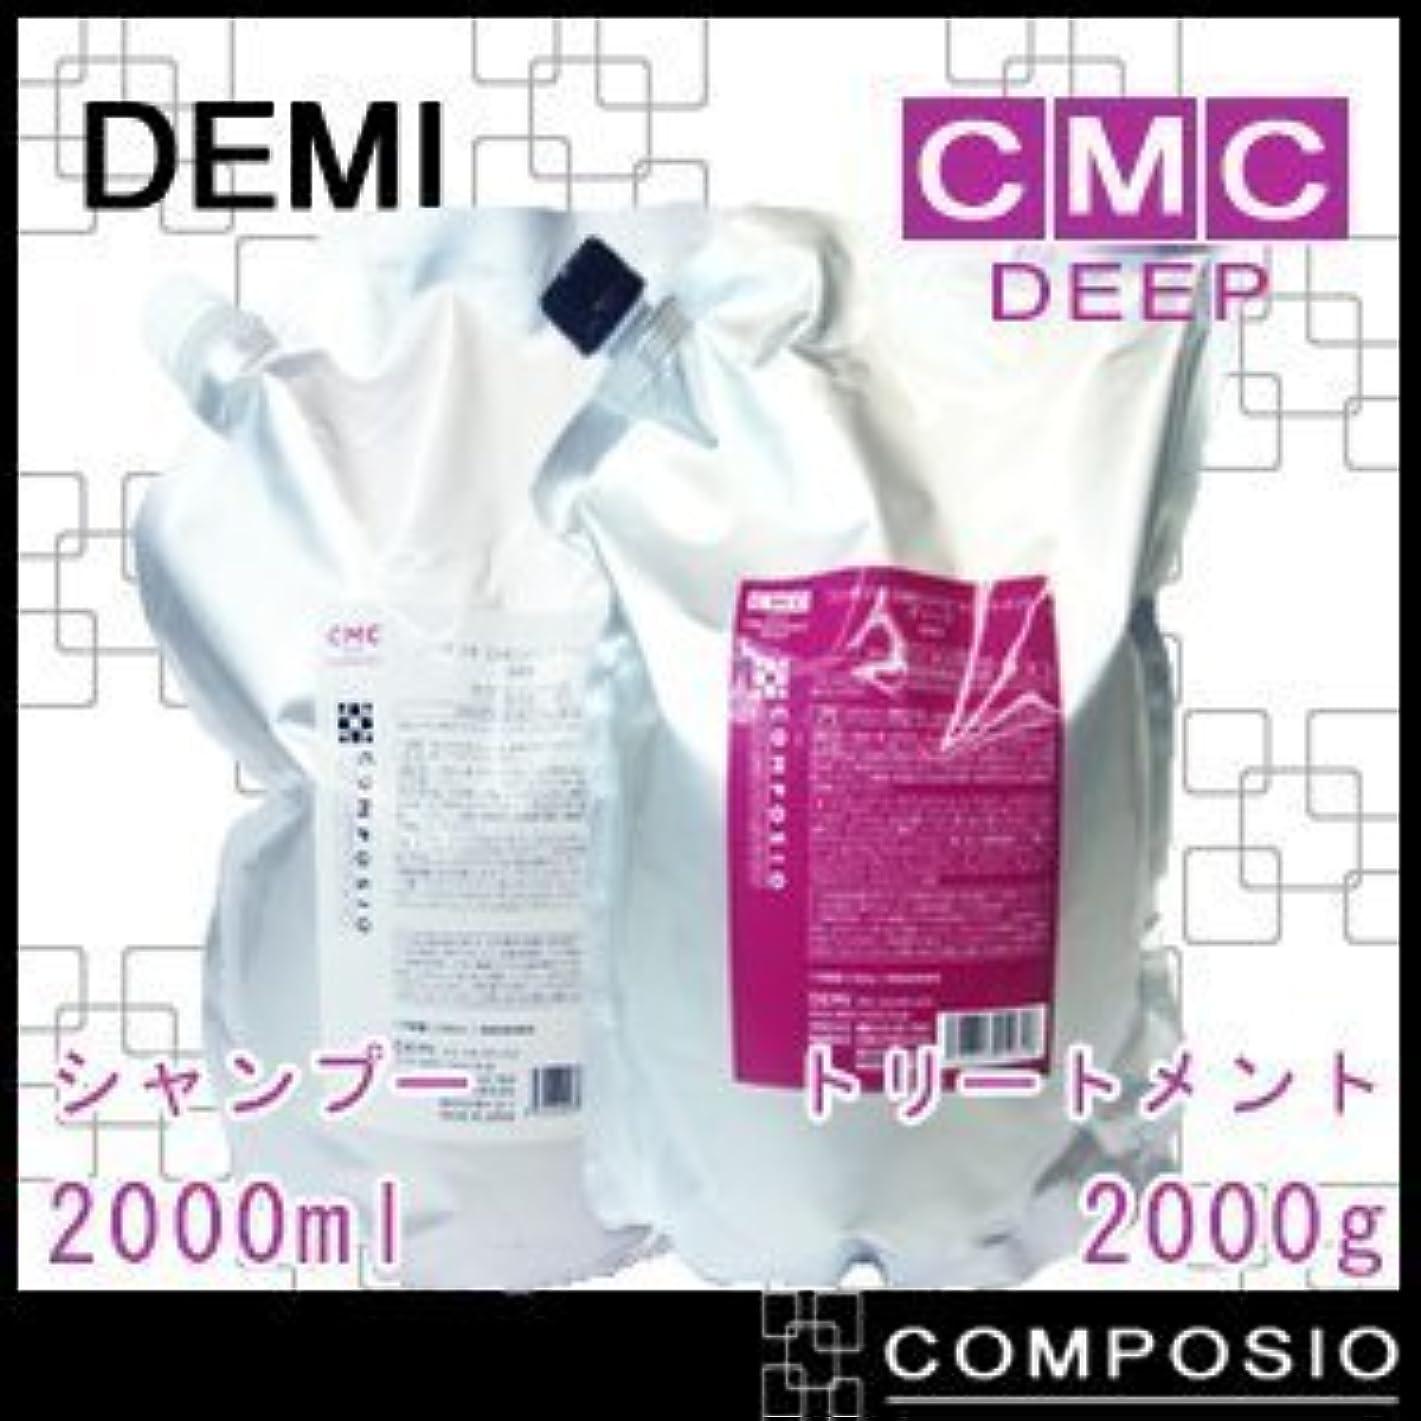 定常テメリティ手荷物デミ コンポジオ CMCリペアシャンプー&トリートメント ディープ 詰替 2000ml,2000g